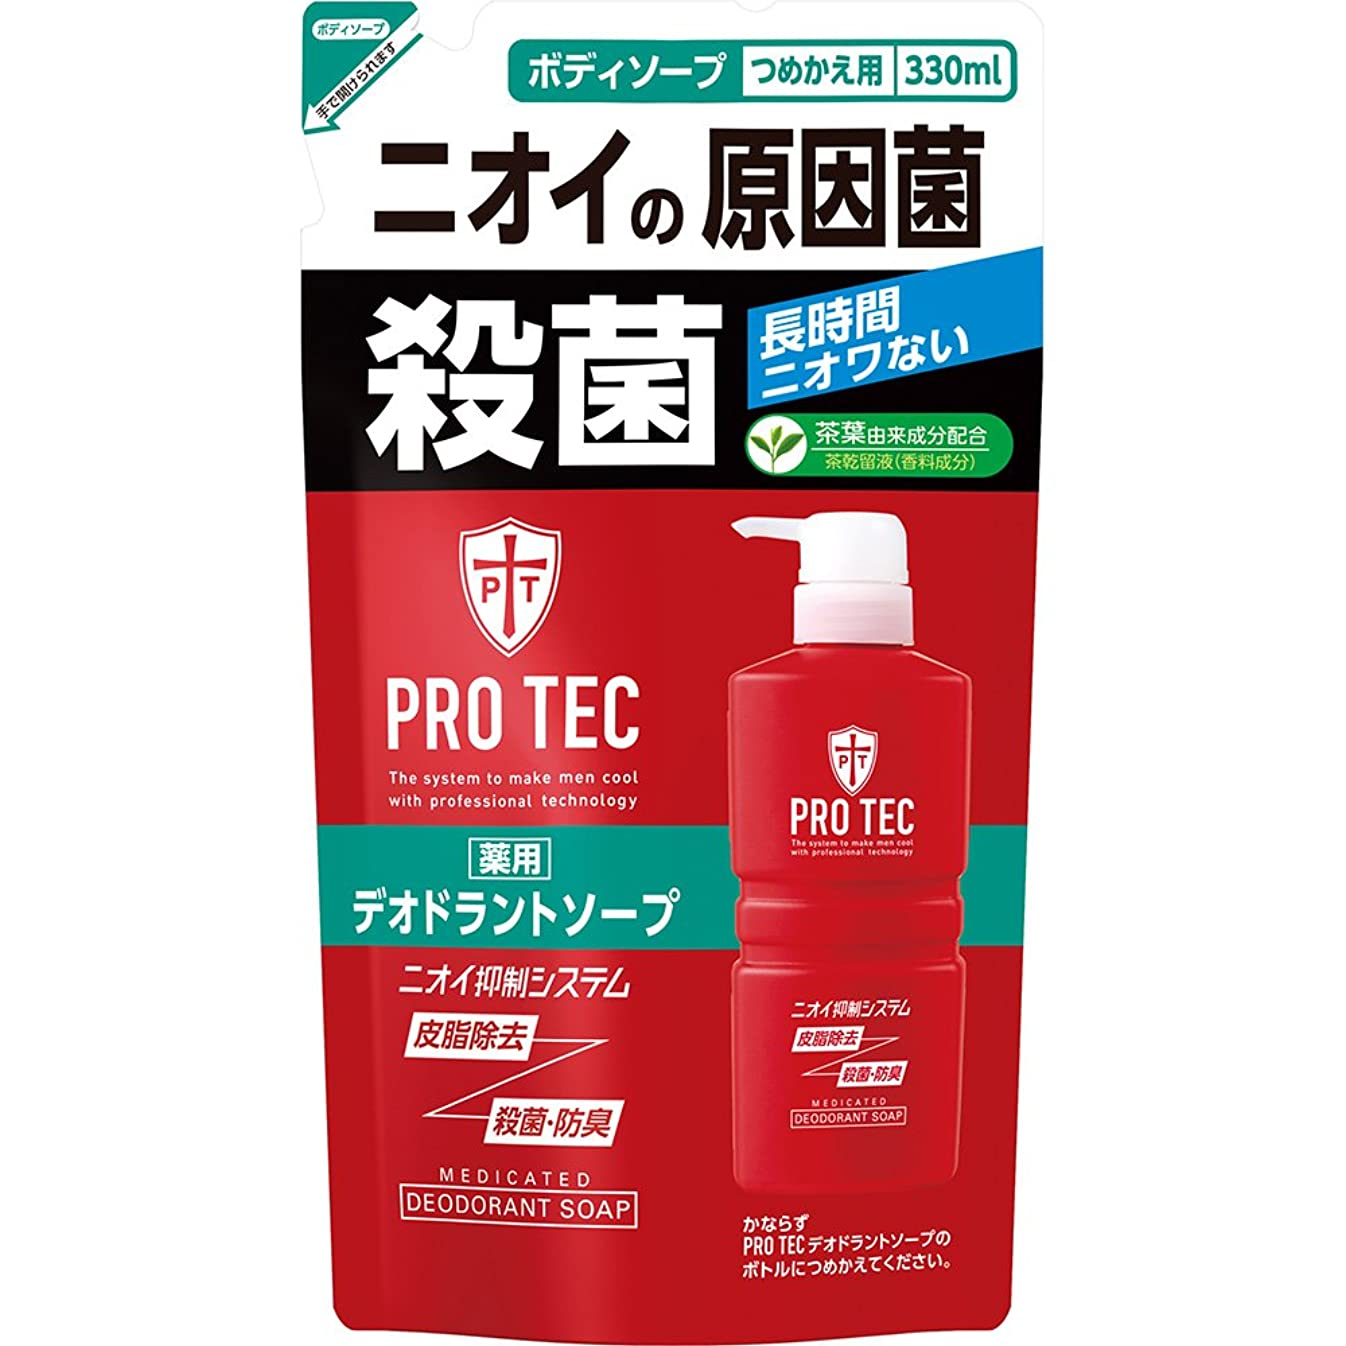 キャベツアスペクト贈り物PRO TEC(プロテク) デオドラントソープ 詰め替え 330ml(医薬部外品)